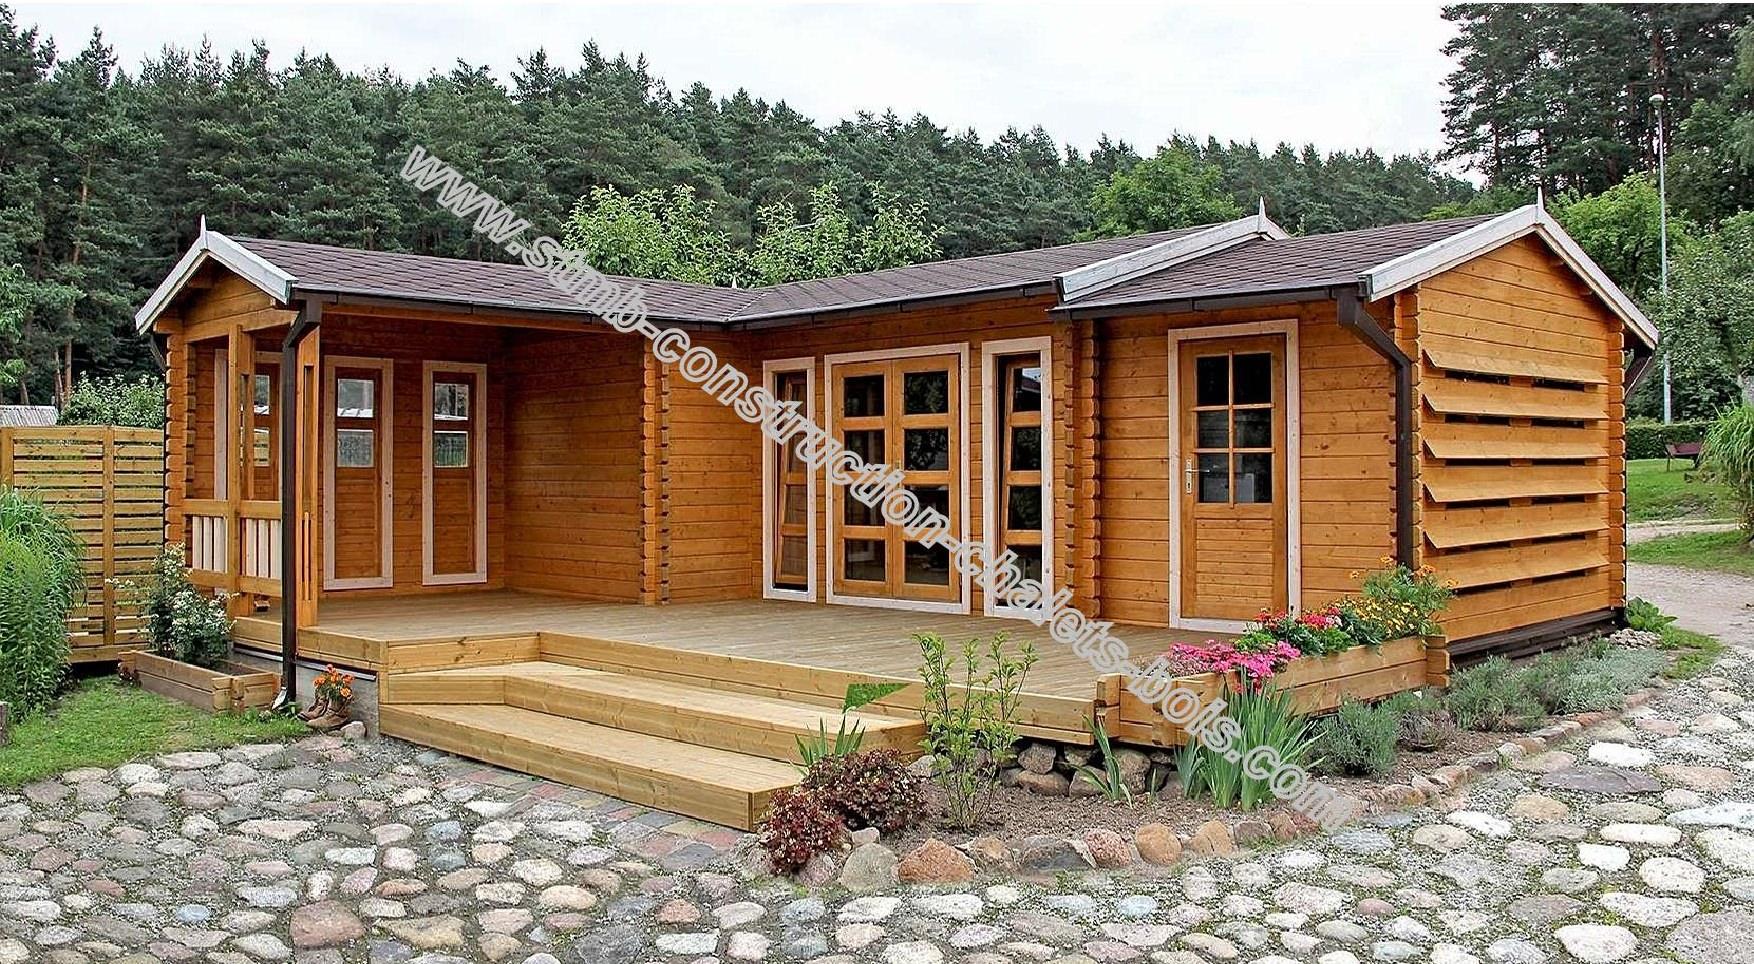 Maison bois 50m2 maison parallele - Petite maison bois pas cher ...